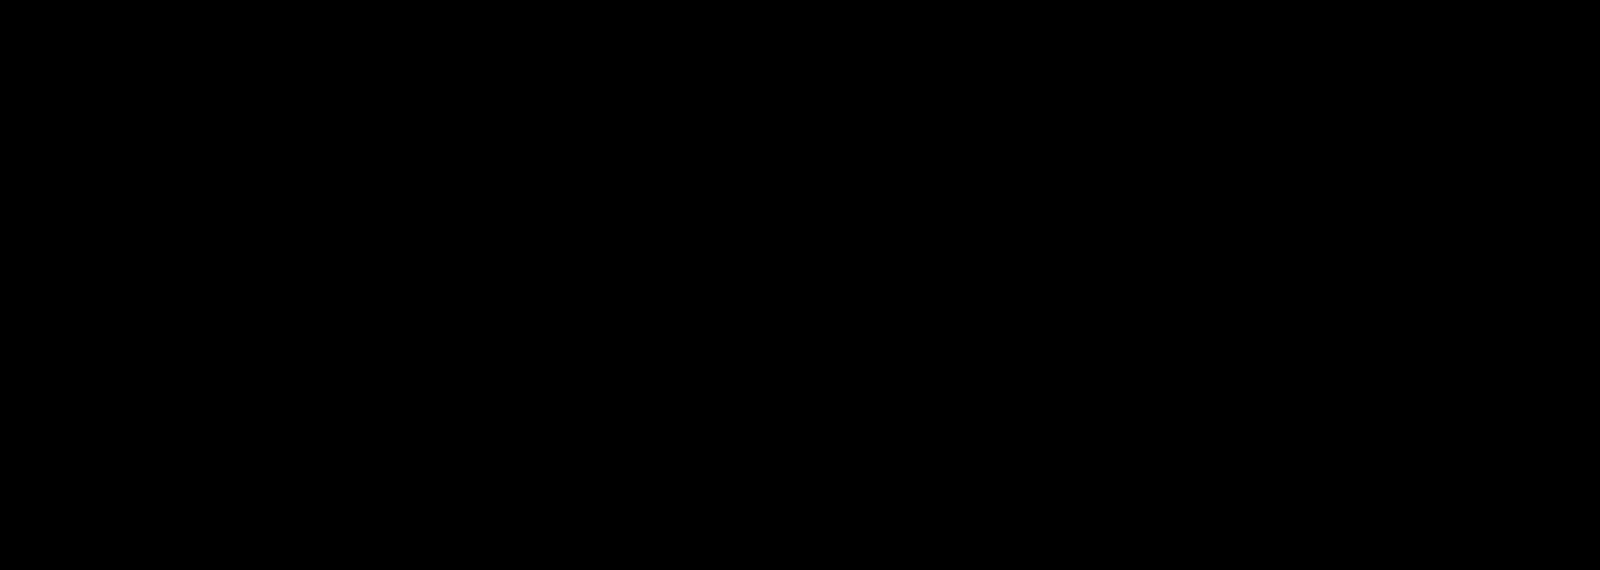 nike logo 2 - Nike Logo